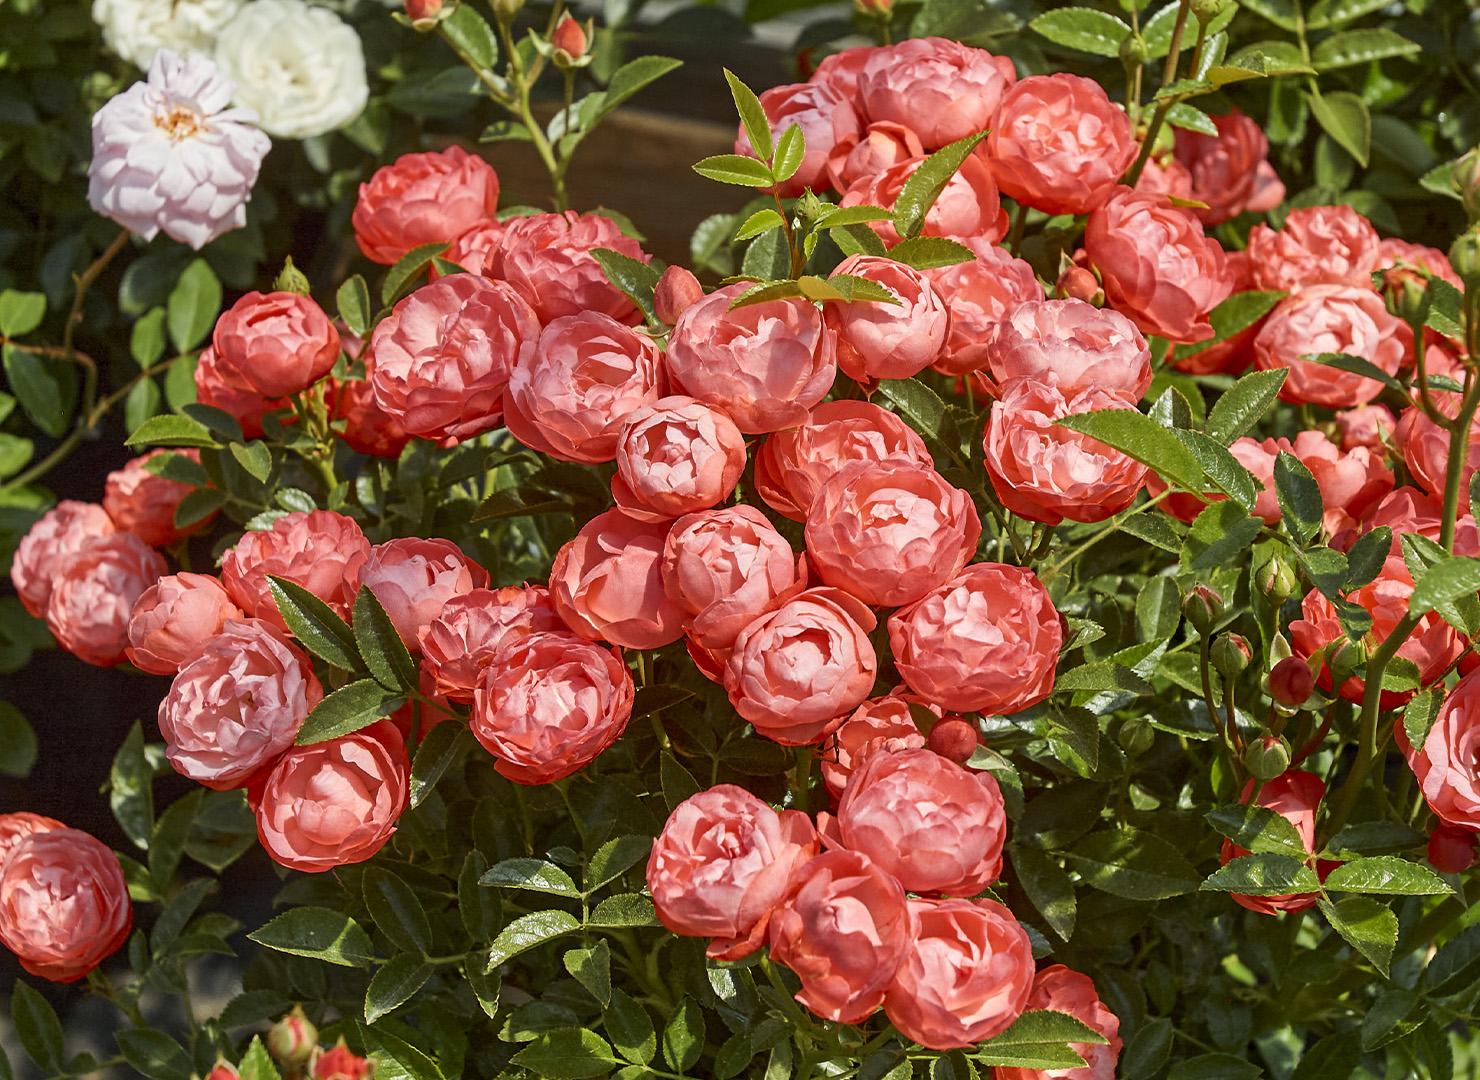 オレンジ マザーズディ - Orange Mothersday